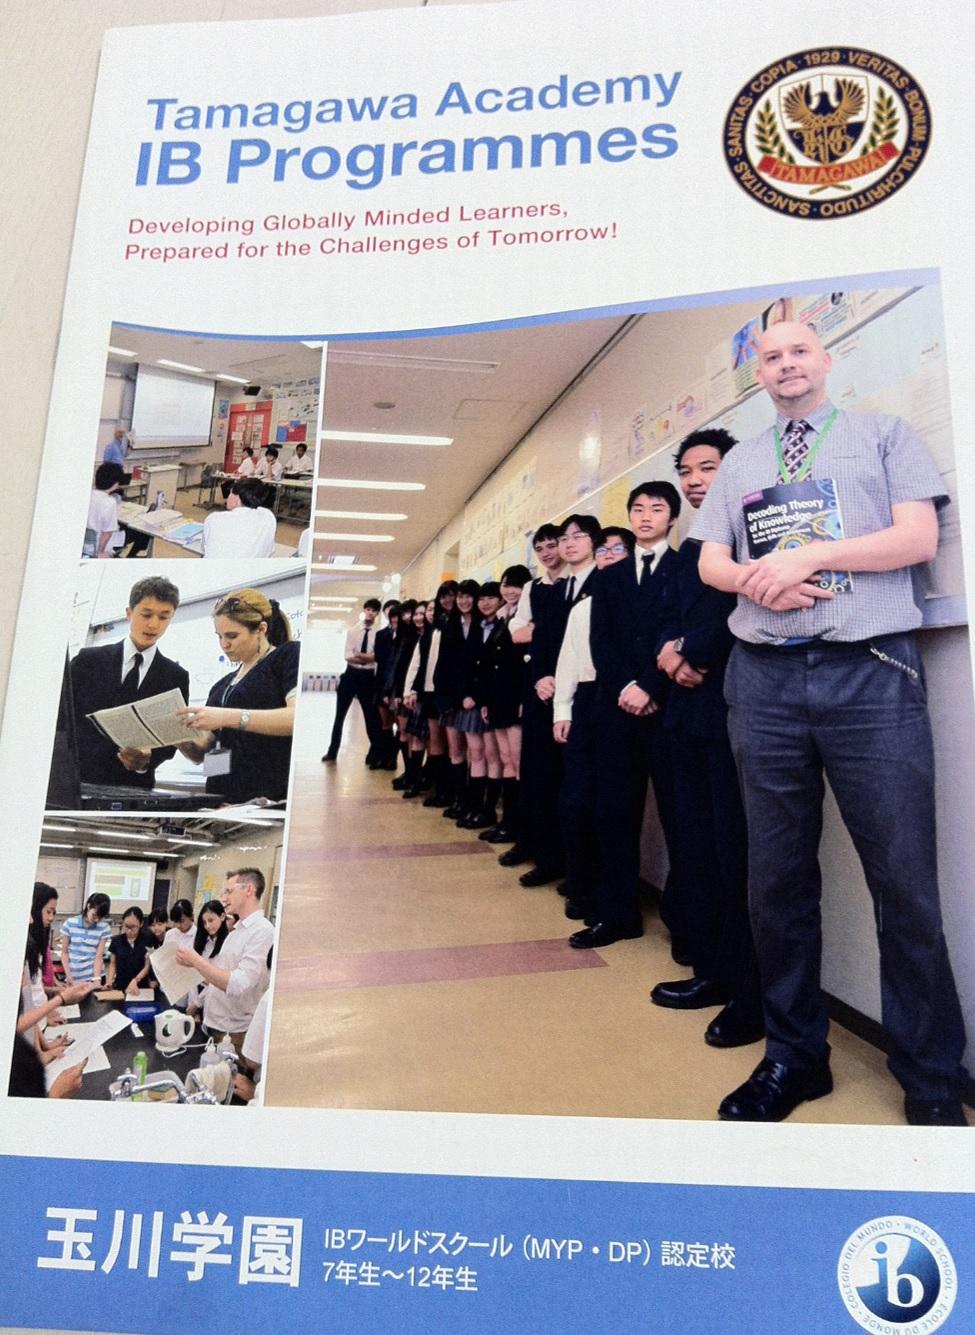 玉川学園小学校のIBプログラム画像キャプチャ(表紙)